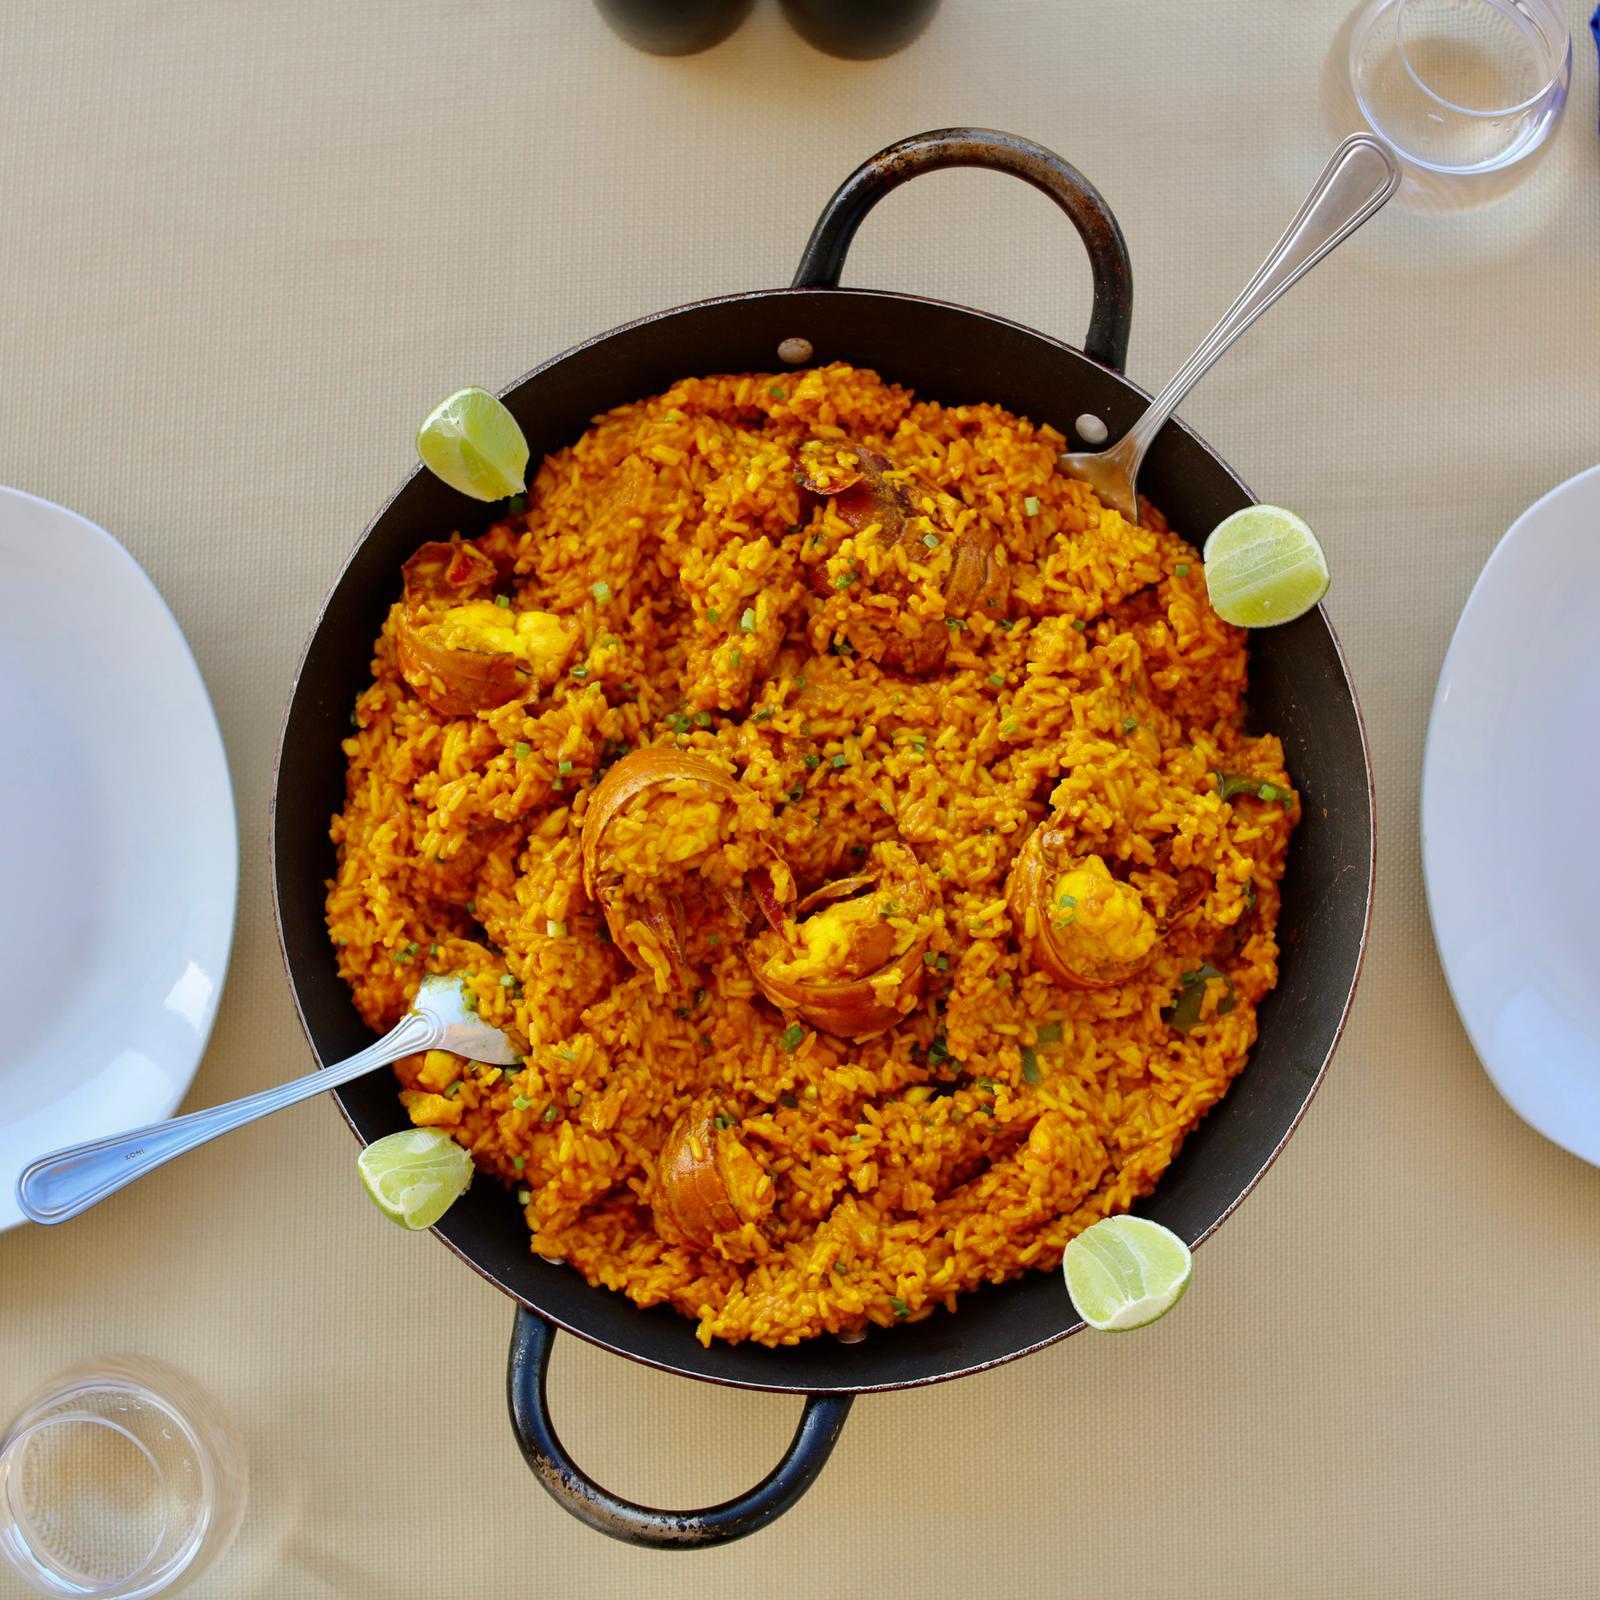 La paella del mar incluye pescado, camarón y langosta. Chips de boniato para 4 personas. 1 Pomo de Refresco.… View Details